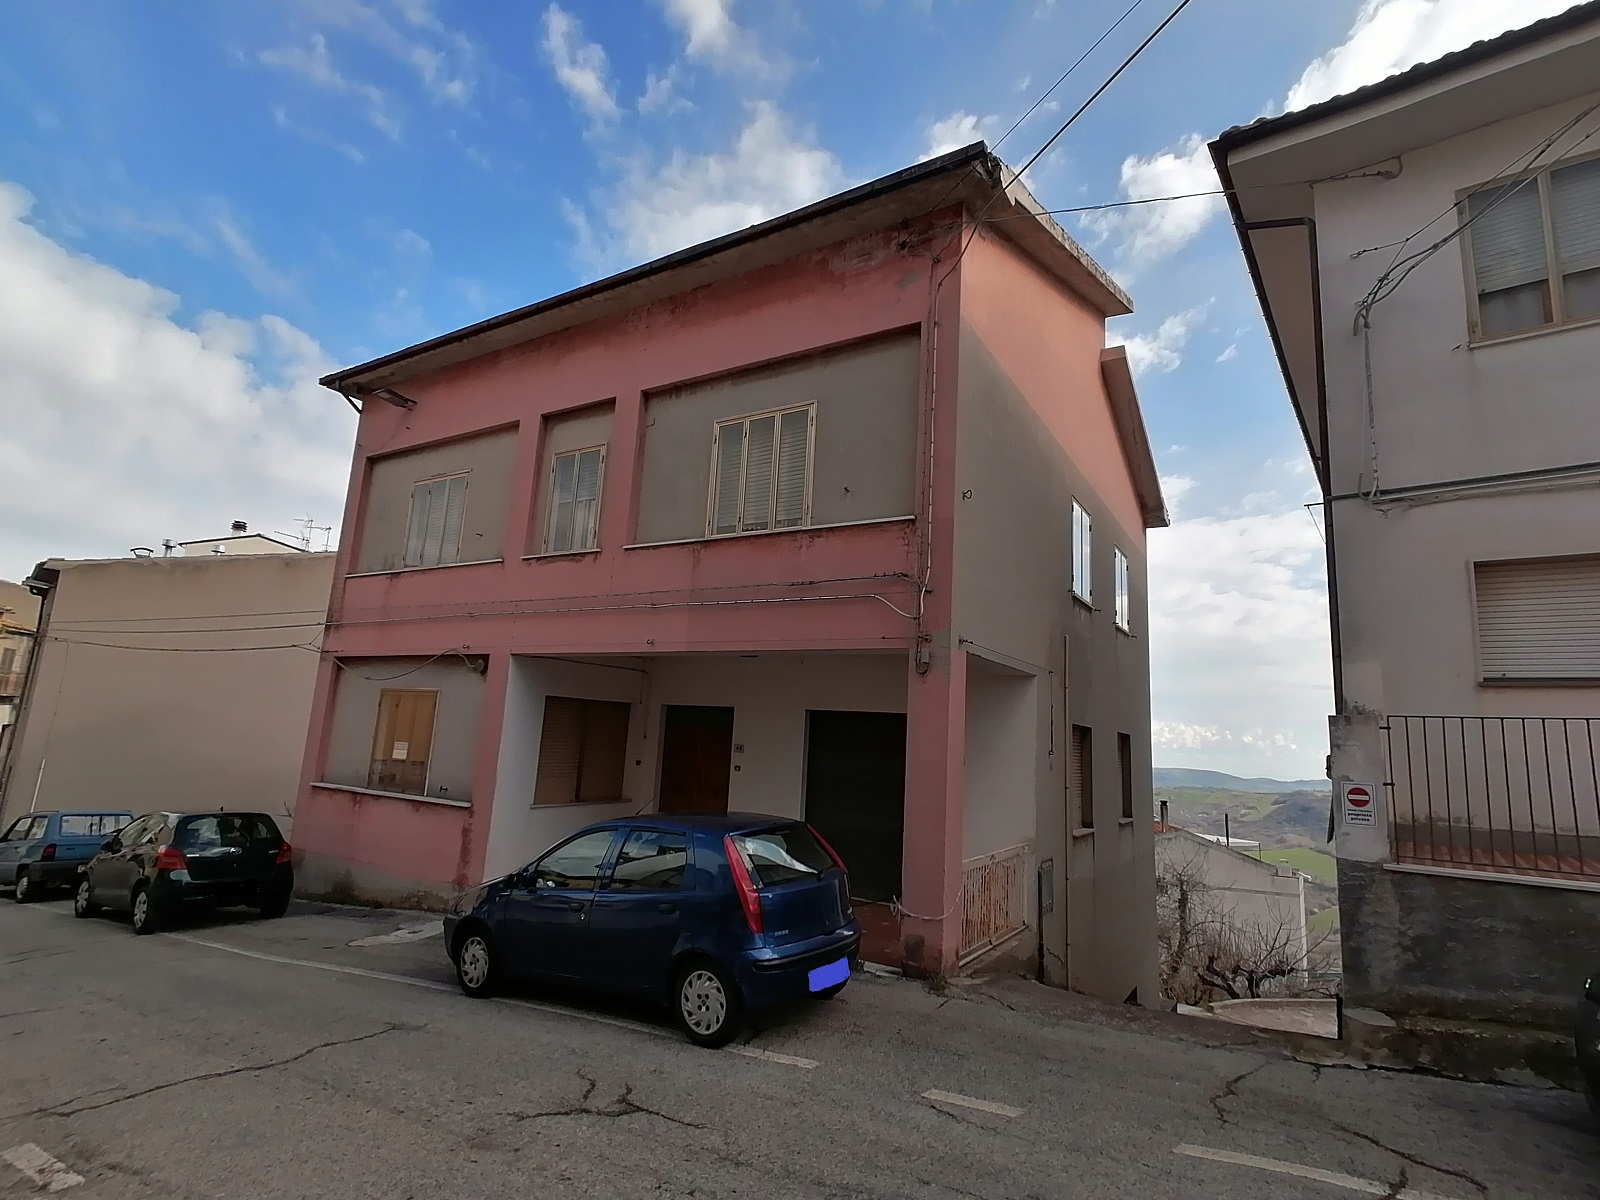 rif 1235 Gissi (CH) Abitazione con locale commerciale ed area esterna – € 130000